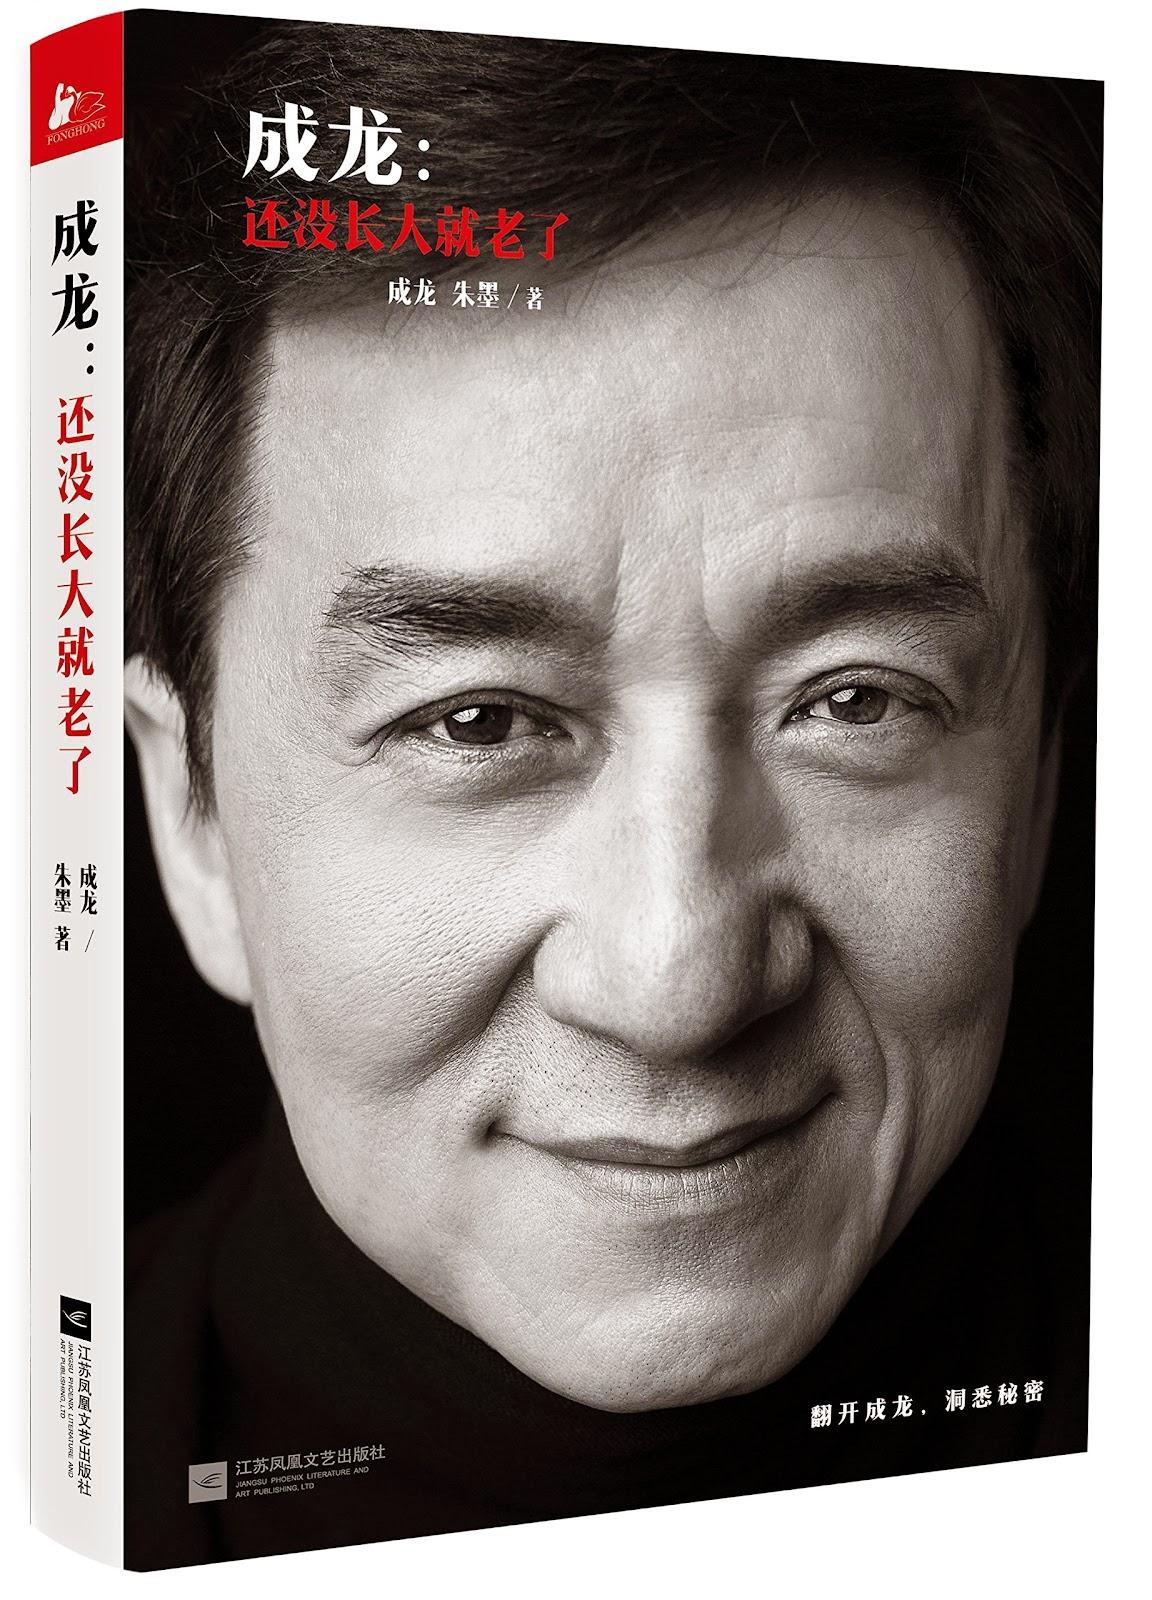 成龍新書【成龍:還沒長大就老了】預購 哪裡買